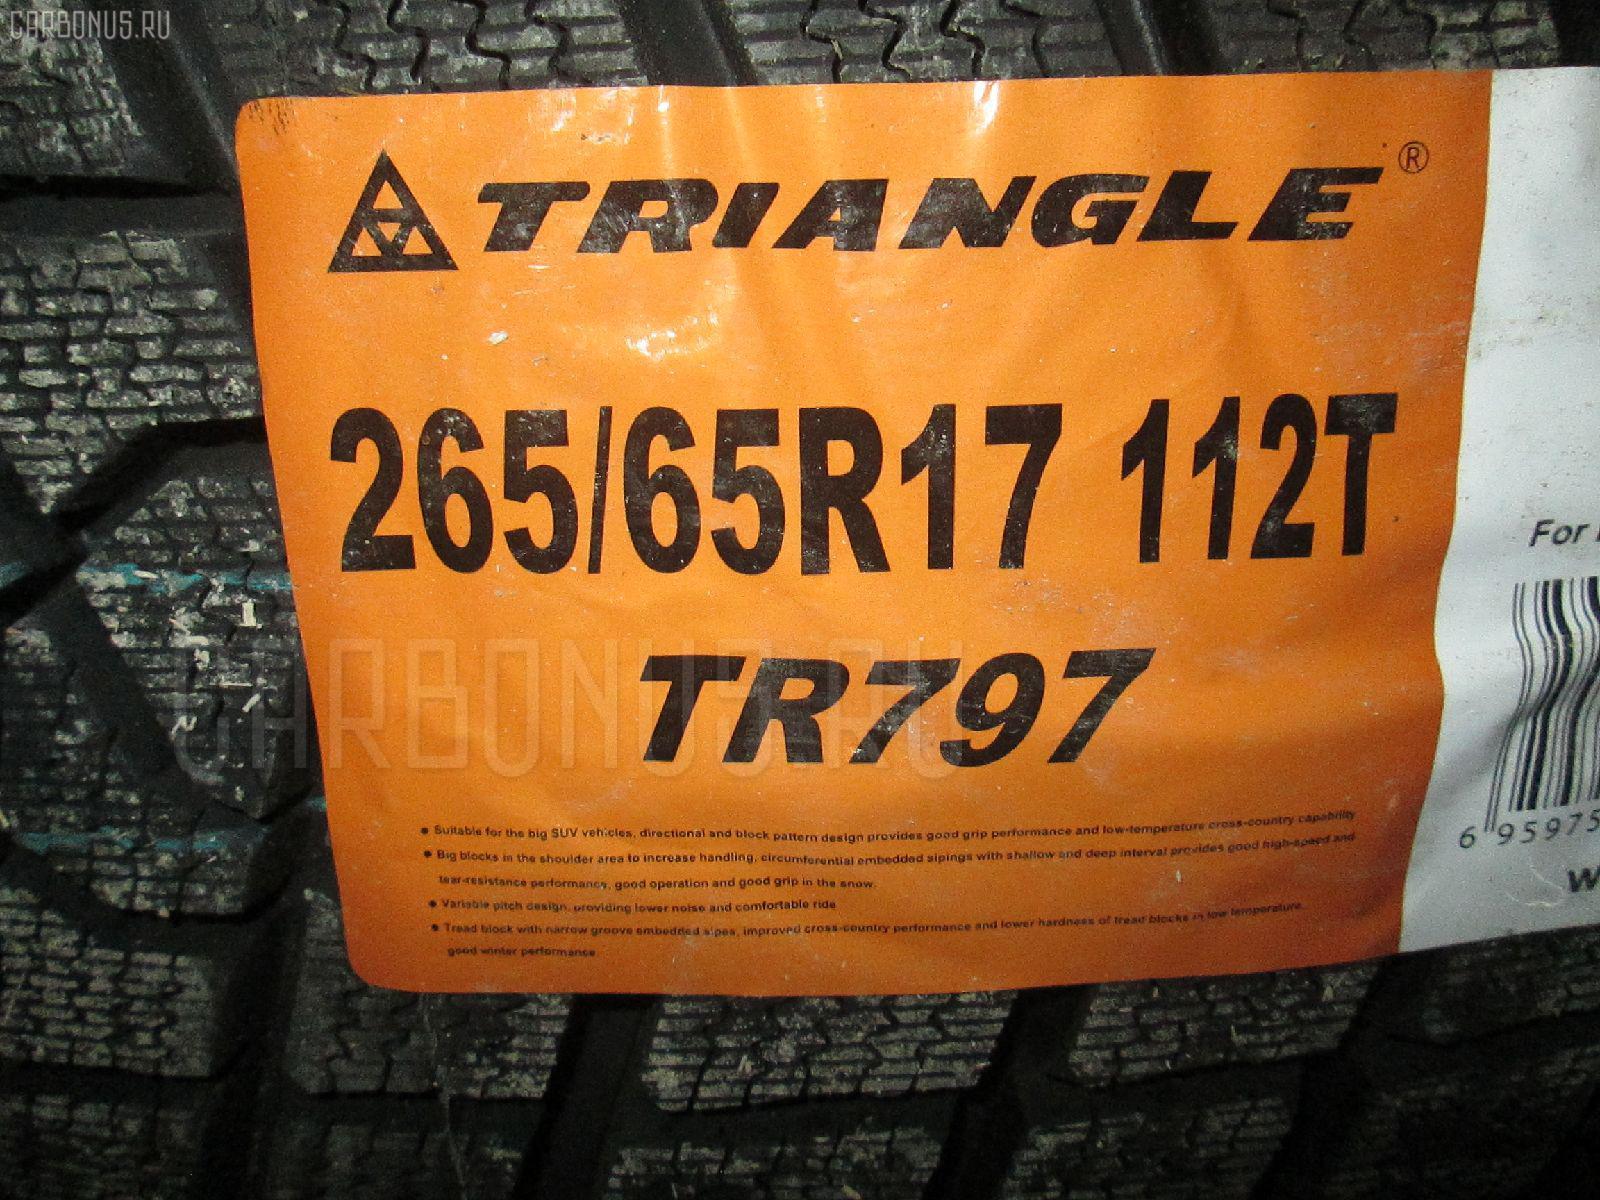 Автошина легковая зимняя Tr797 265/65R17 TRIANGLE Фото 1